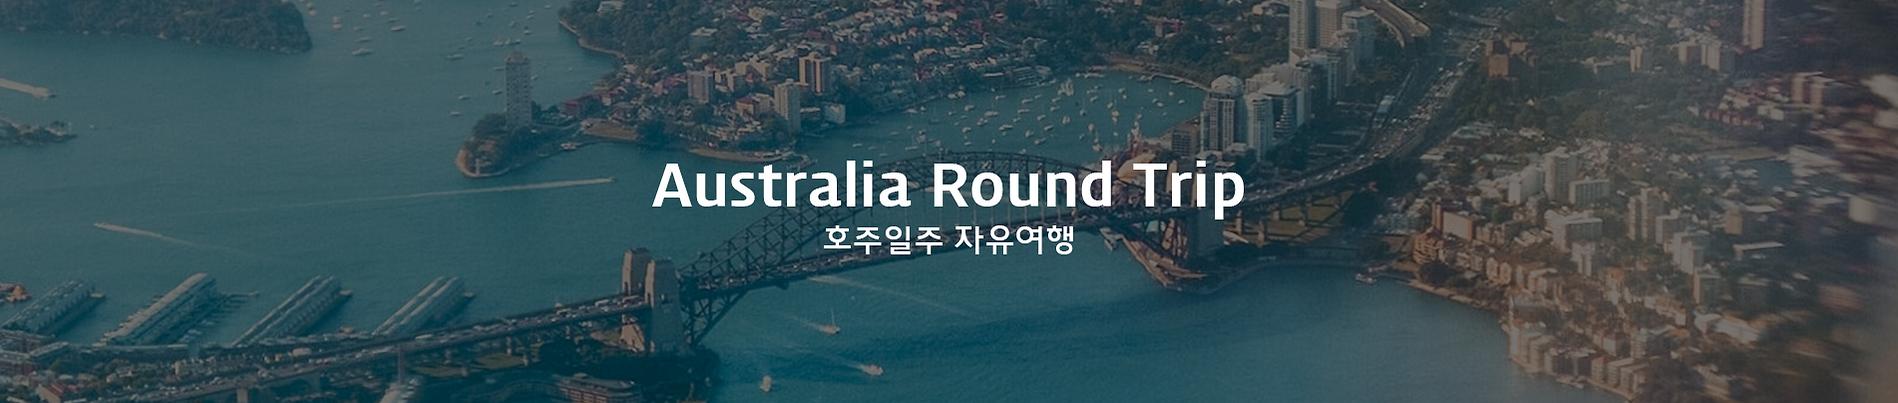 호주일주 자유여행.png